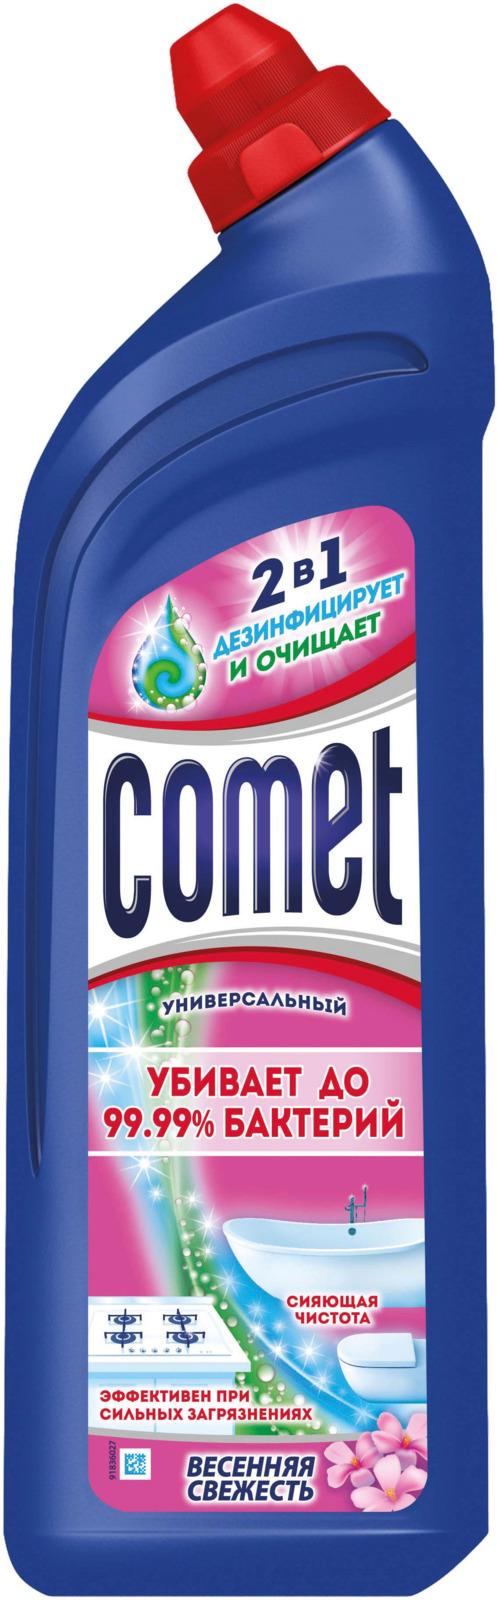 Универсальный чистящий гель Comet Двойной эффект, весенняя свежесть, 1 л comet чистящий гель лимон 500мл